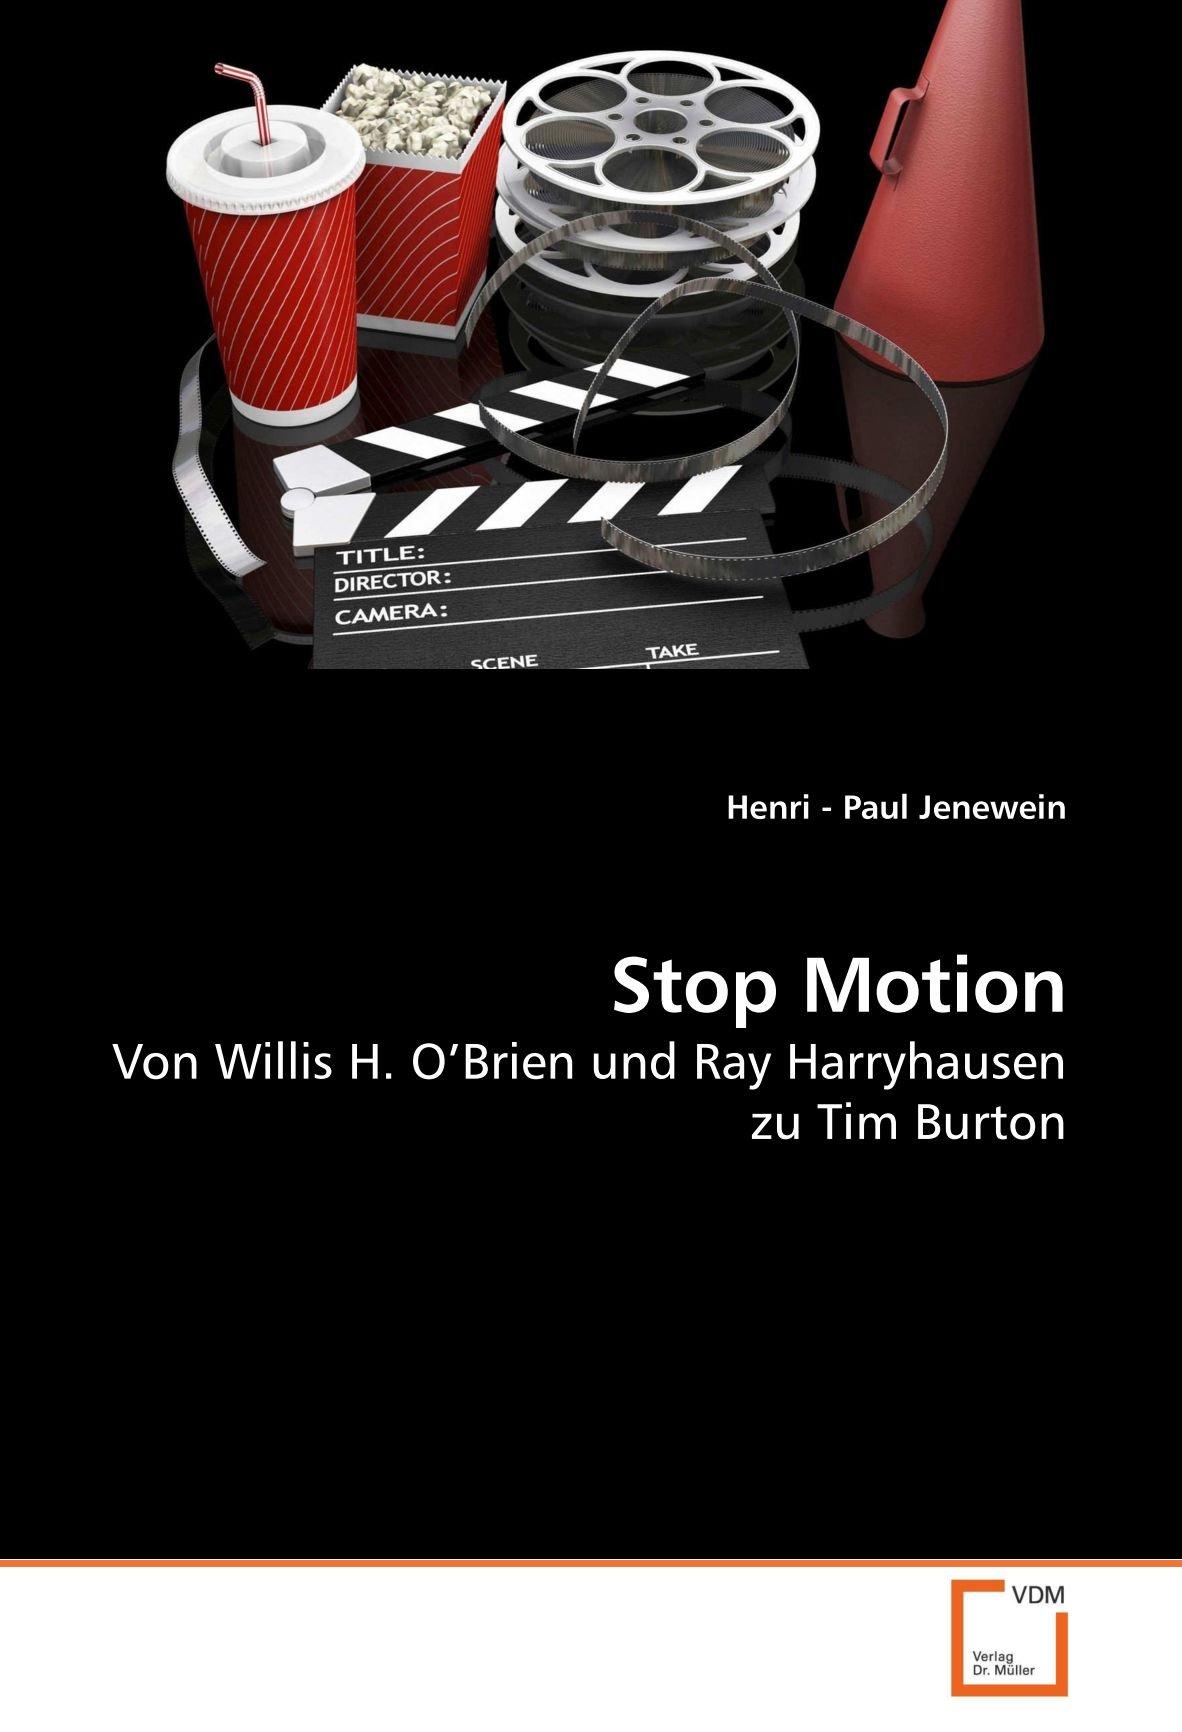 Stop Motion: Von Willis H. O'Brien und Ray Harryhausen zu Tim Burton